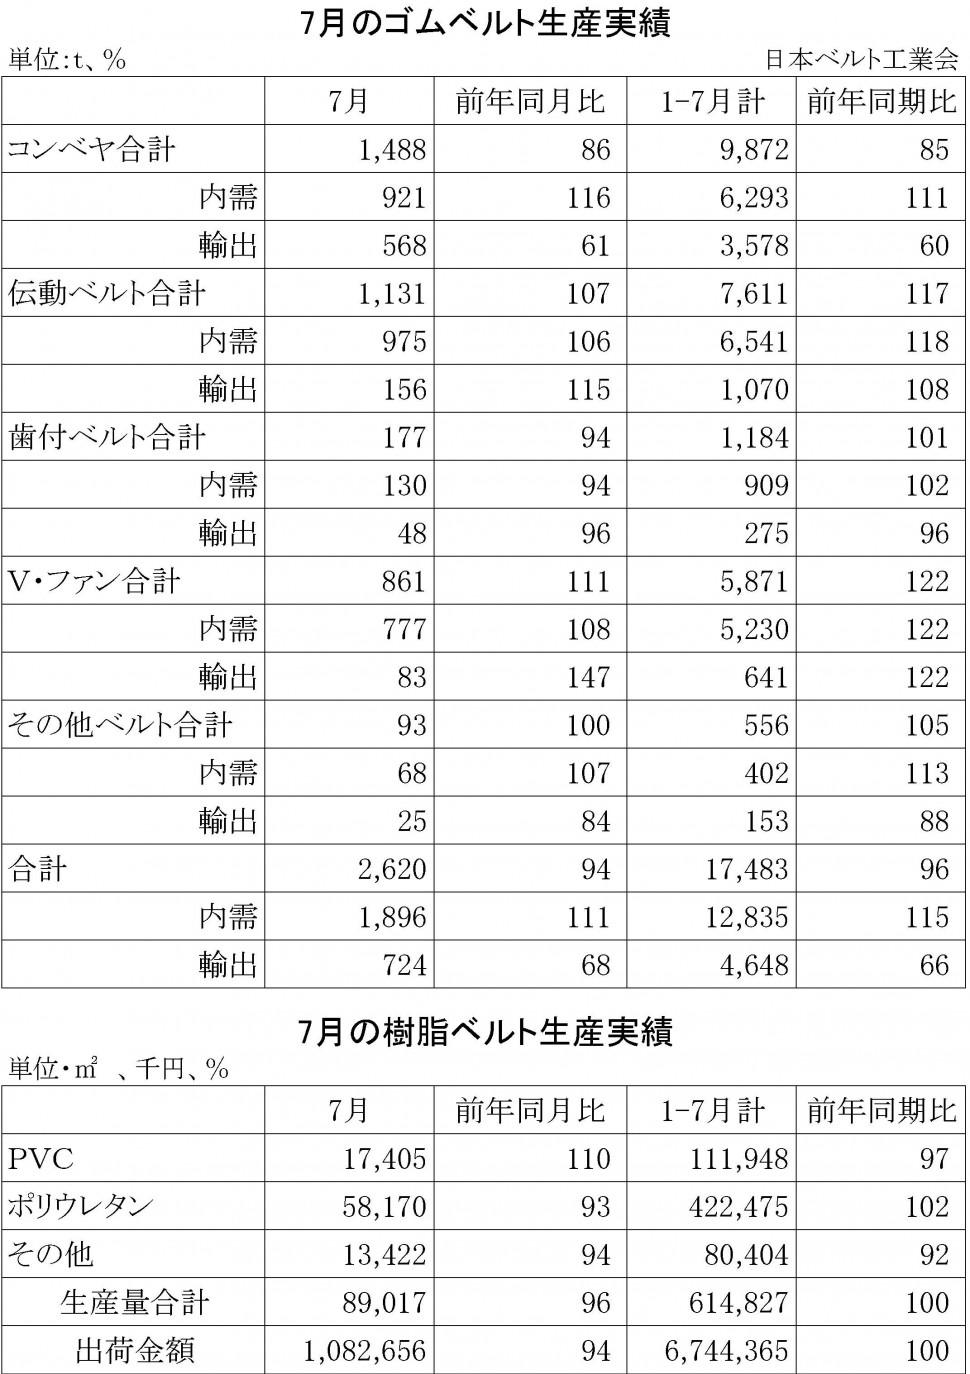 2014-7月ゴムベルト生産実績